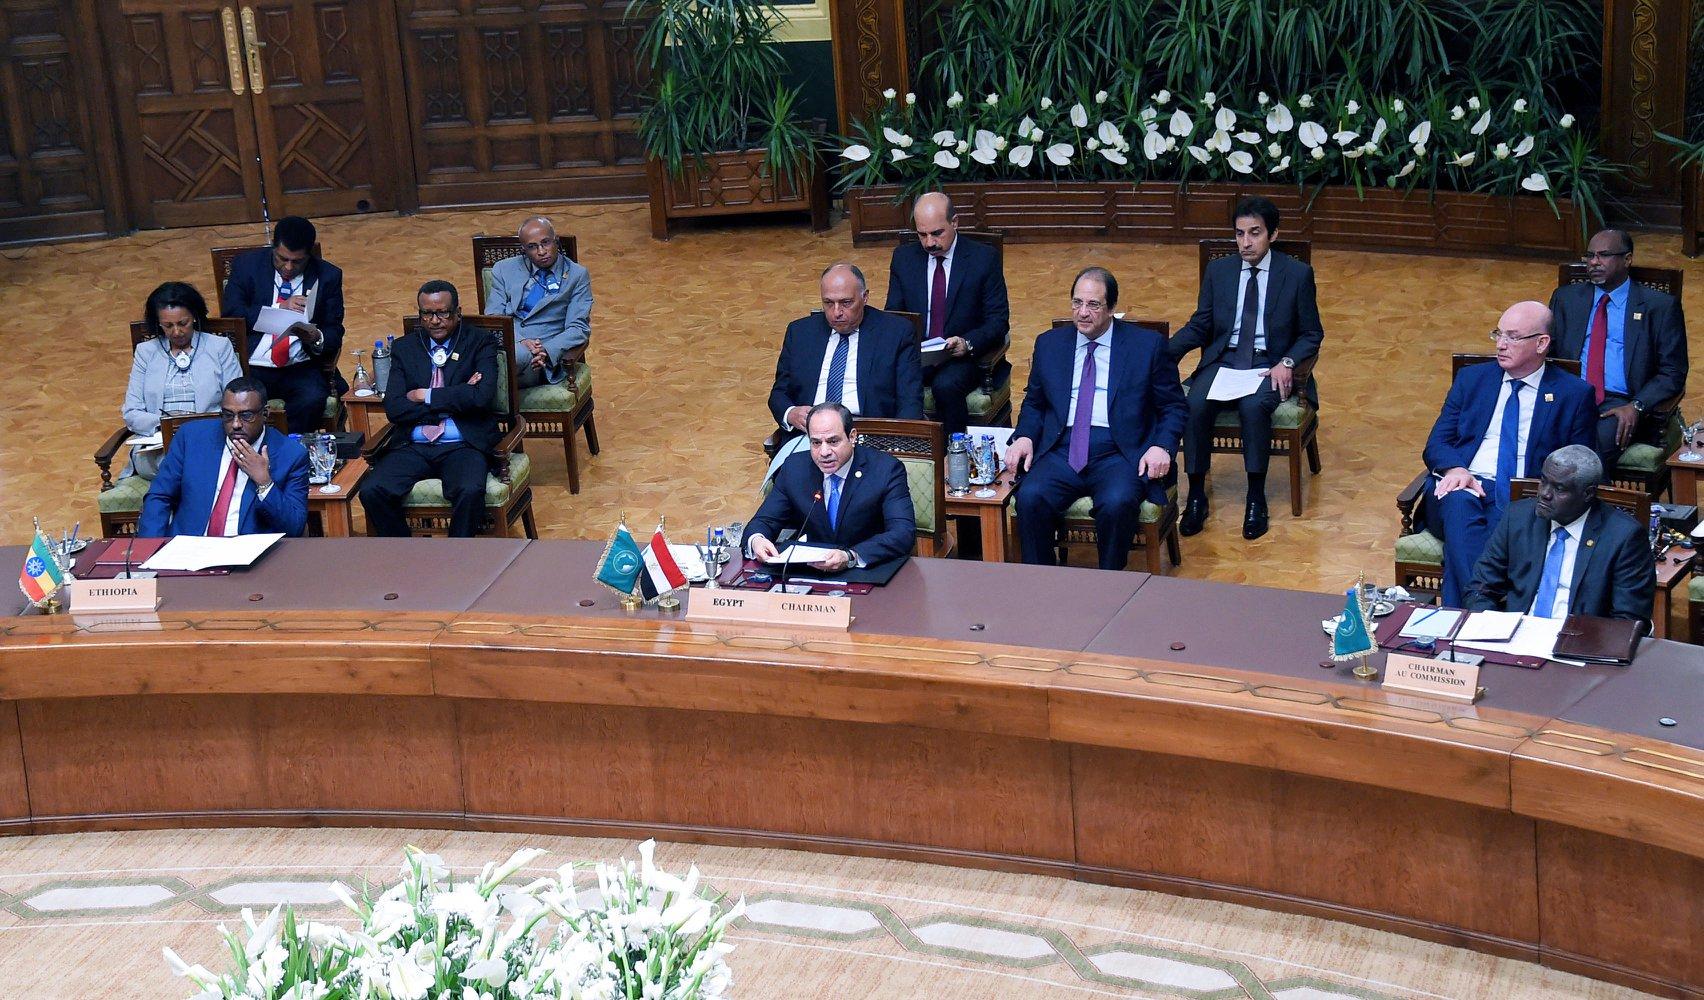 الرئيس المصري عبد الفتاح السيسي يترأس القمة الأفريقية الطارئة بالقاهرة لمناقشة تطورات السودان (الصفحة الرسمية لمتحدث الرئاسة المصرية على فيسبوك)